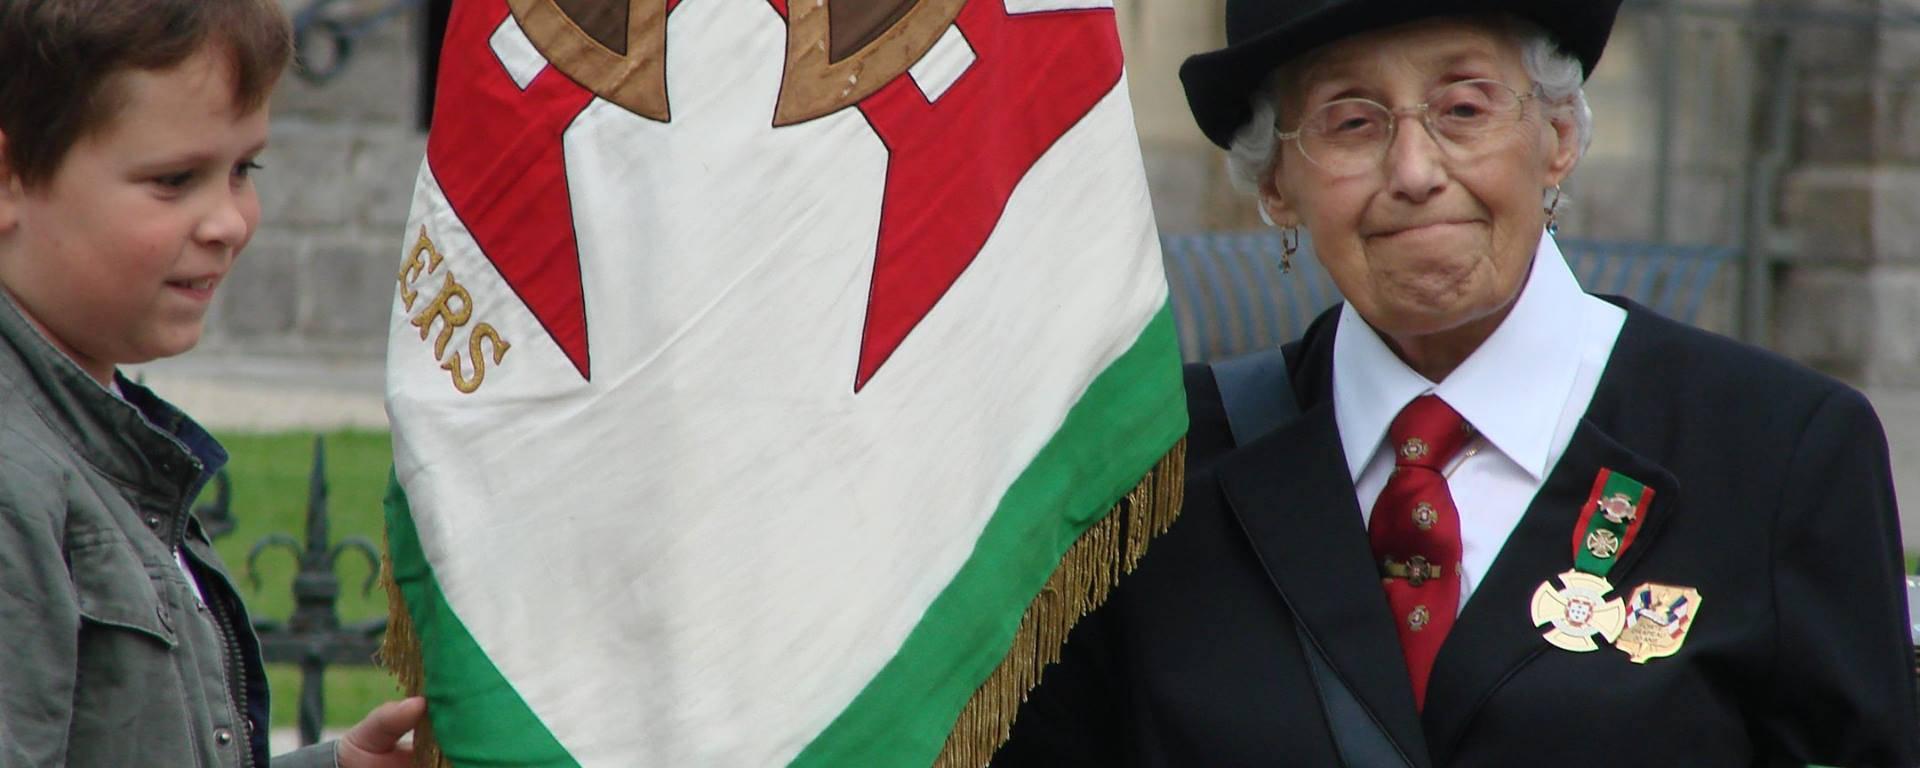 Feliçia Assunçao Pailleux de Burbure, la porte-drapeau du Corps Expéditionnaire Portugais